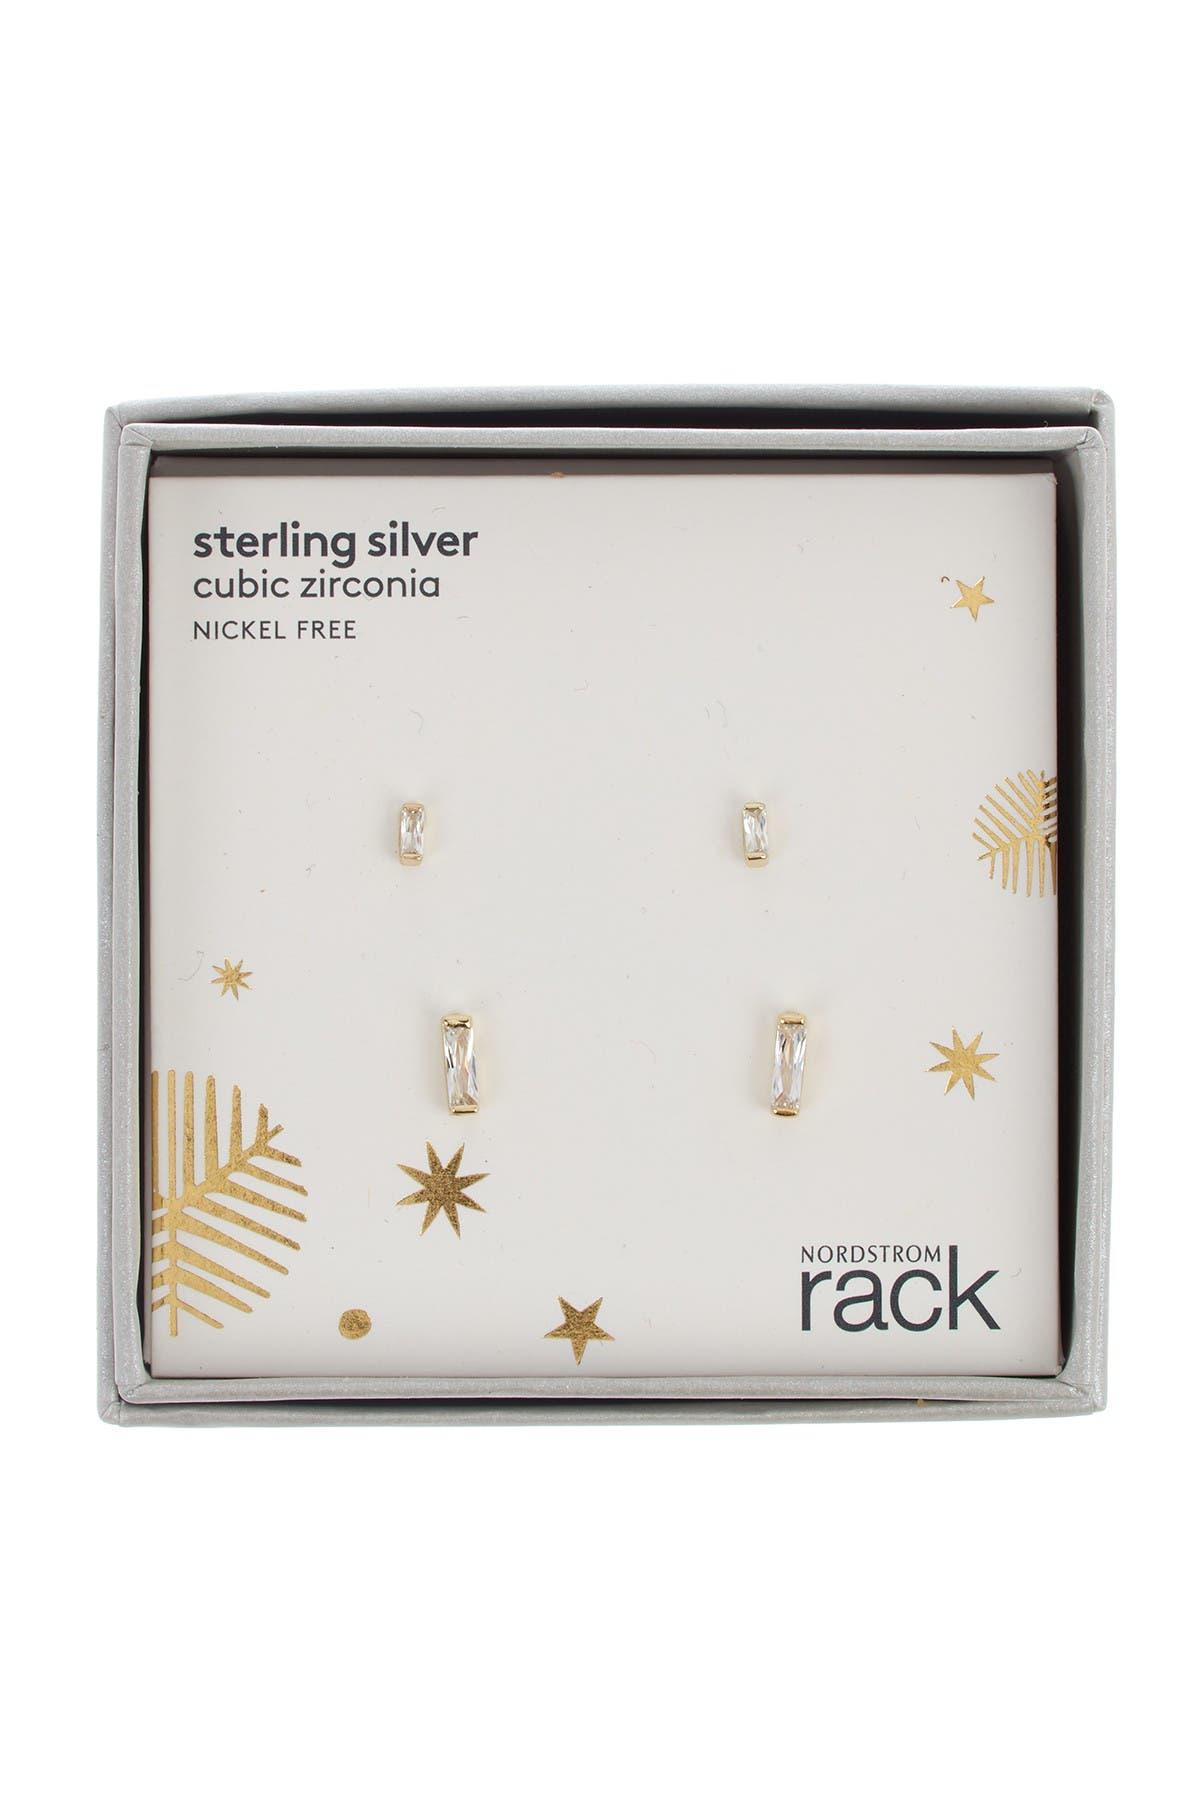 Image of Nordstrom Rack CZ Baguette Stud Earrings - Set of 2